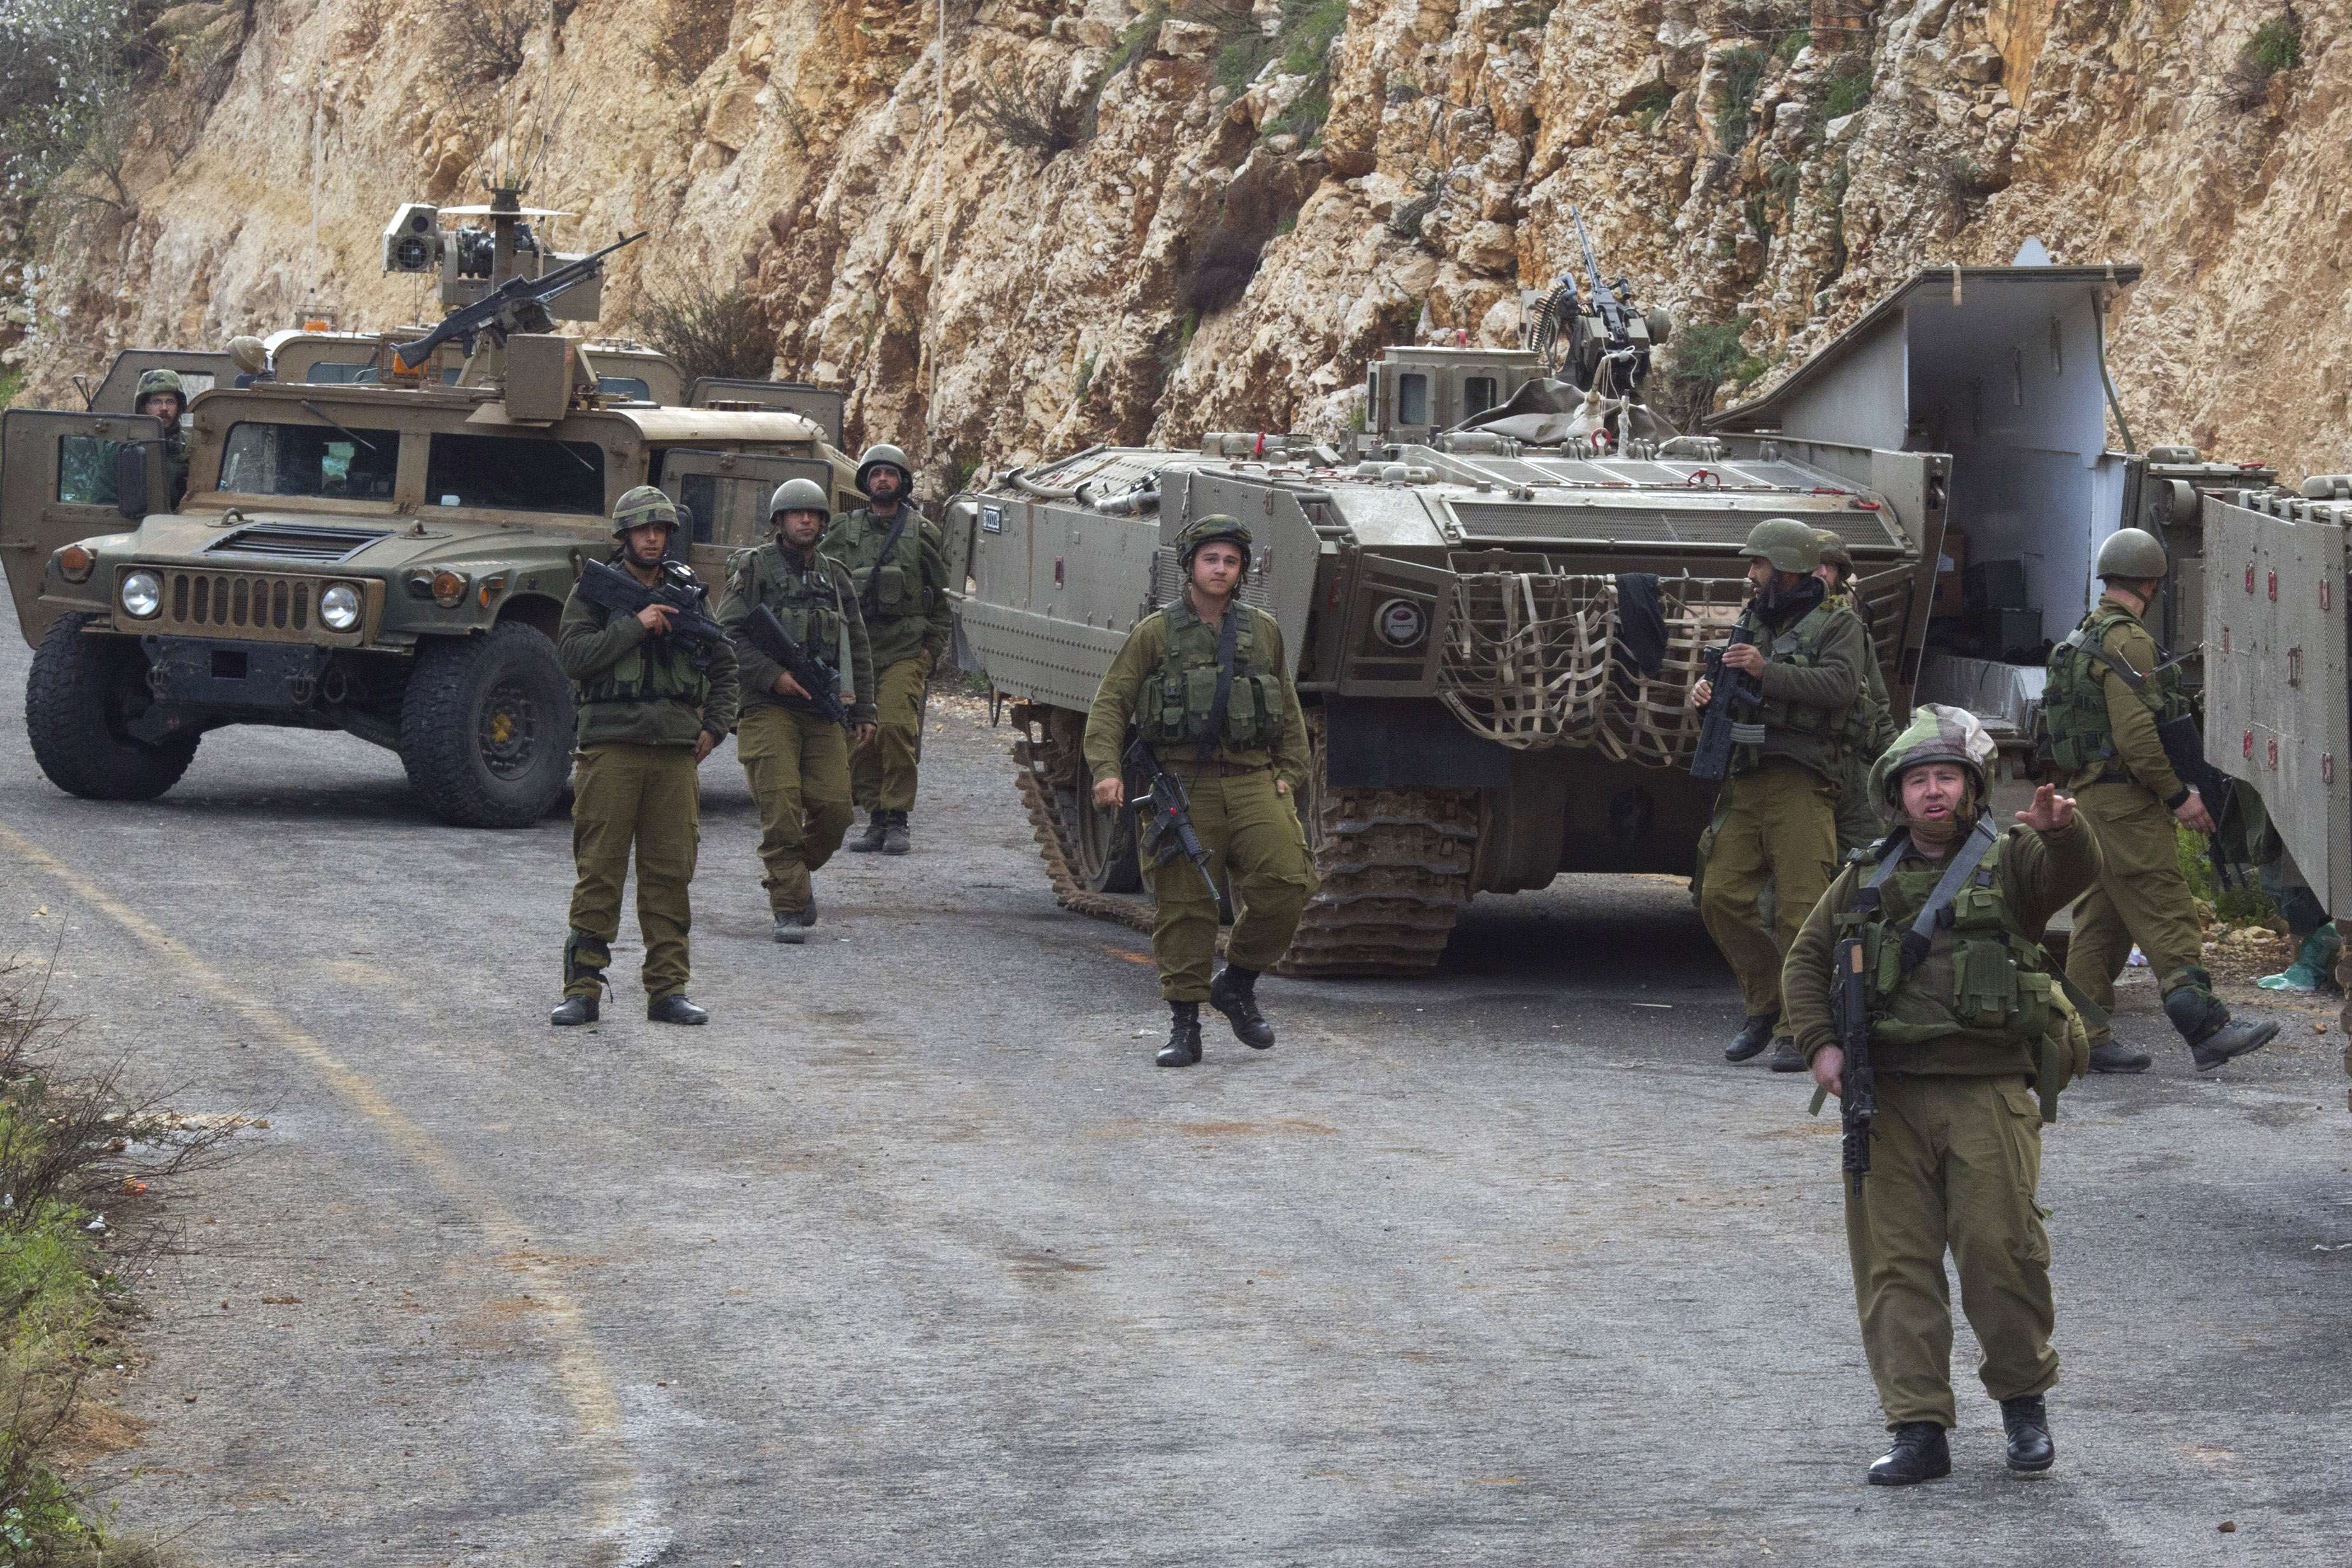 Tropas israelenses patrulham a fronteira com o Líbano após ataques de ambos os lados Foto: Ariel Schalit/AP